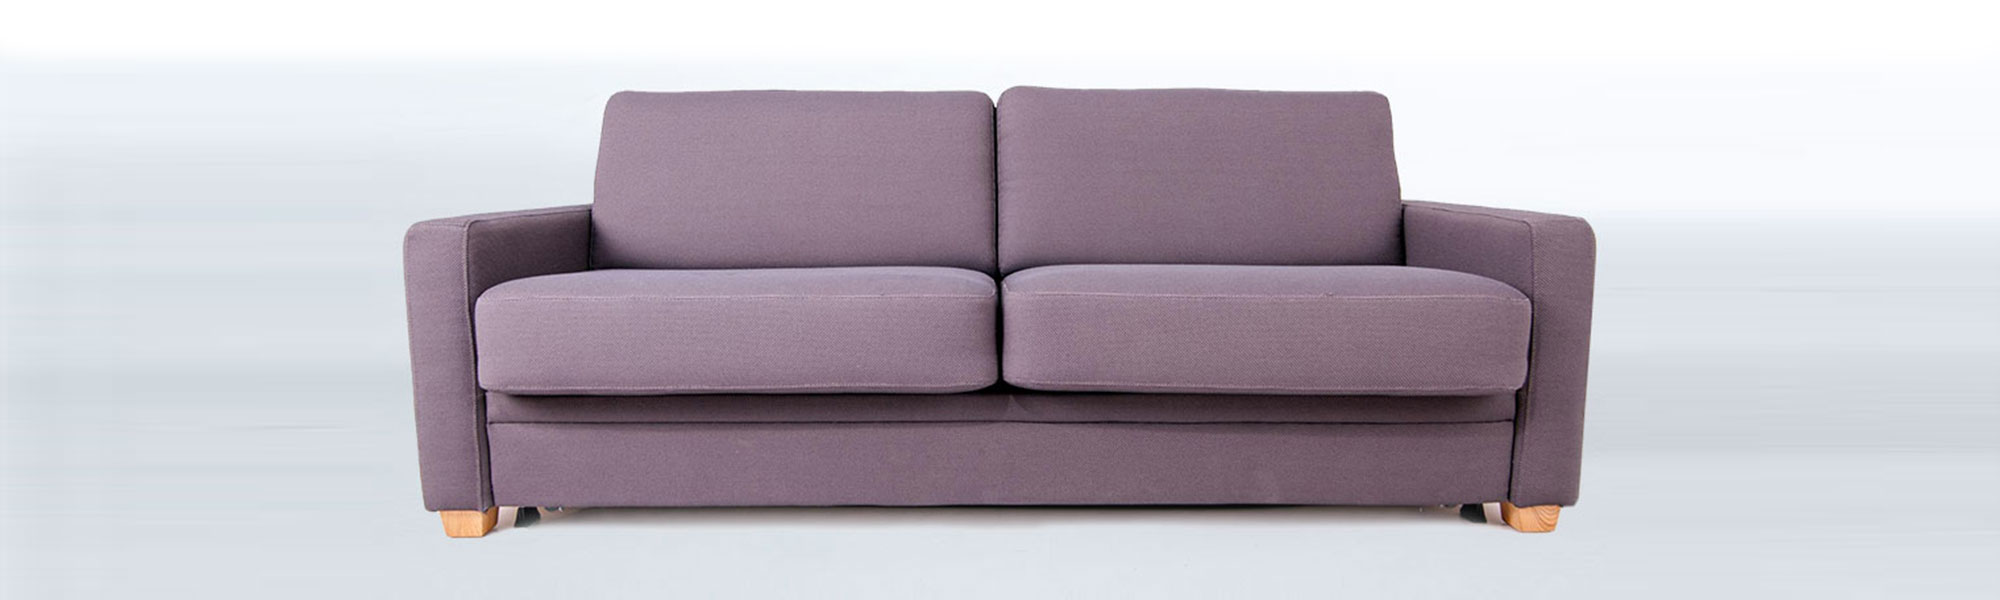 airfect schlafsofa nur 4 sek vom sofa zum bett airfect kissen matratzen und schlafsofas. Black Bedroom Furniture Sets. Home Design Ideas